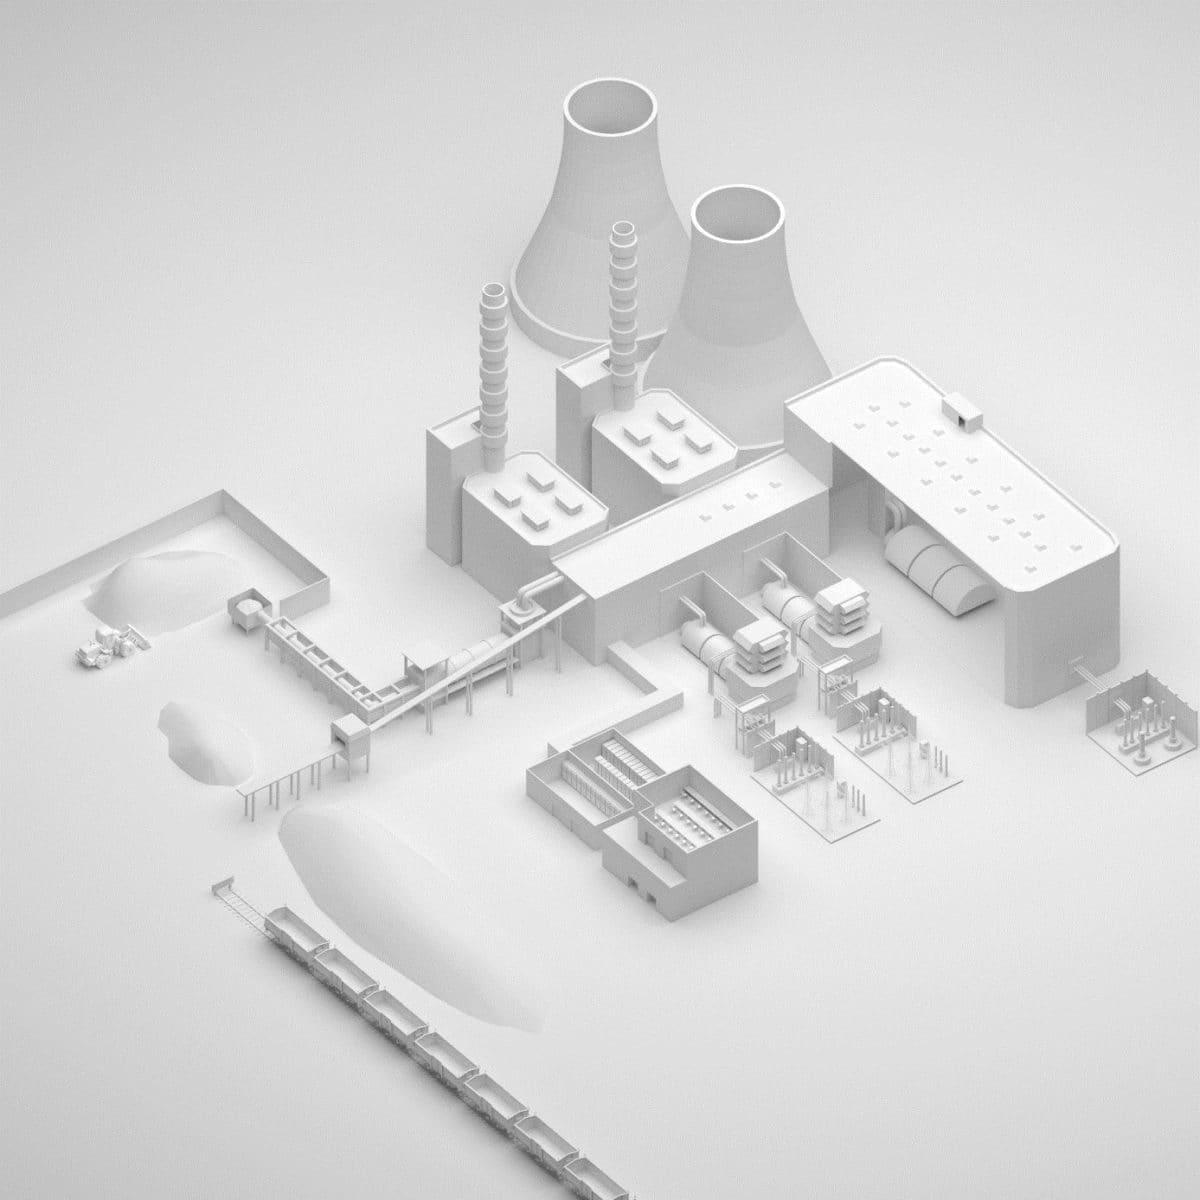 rozwiazania branzowe energetyka 1200x1200